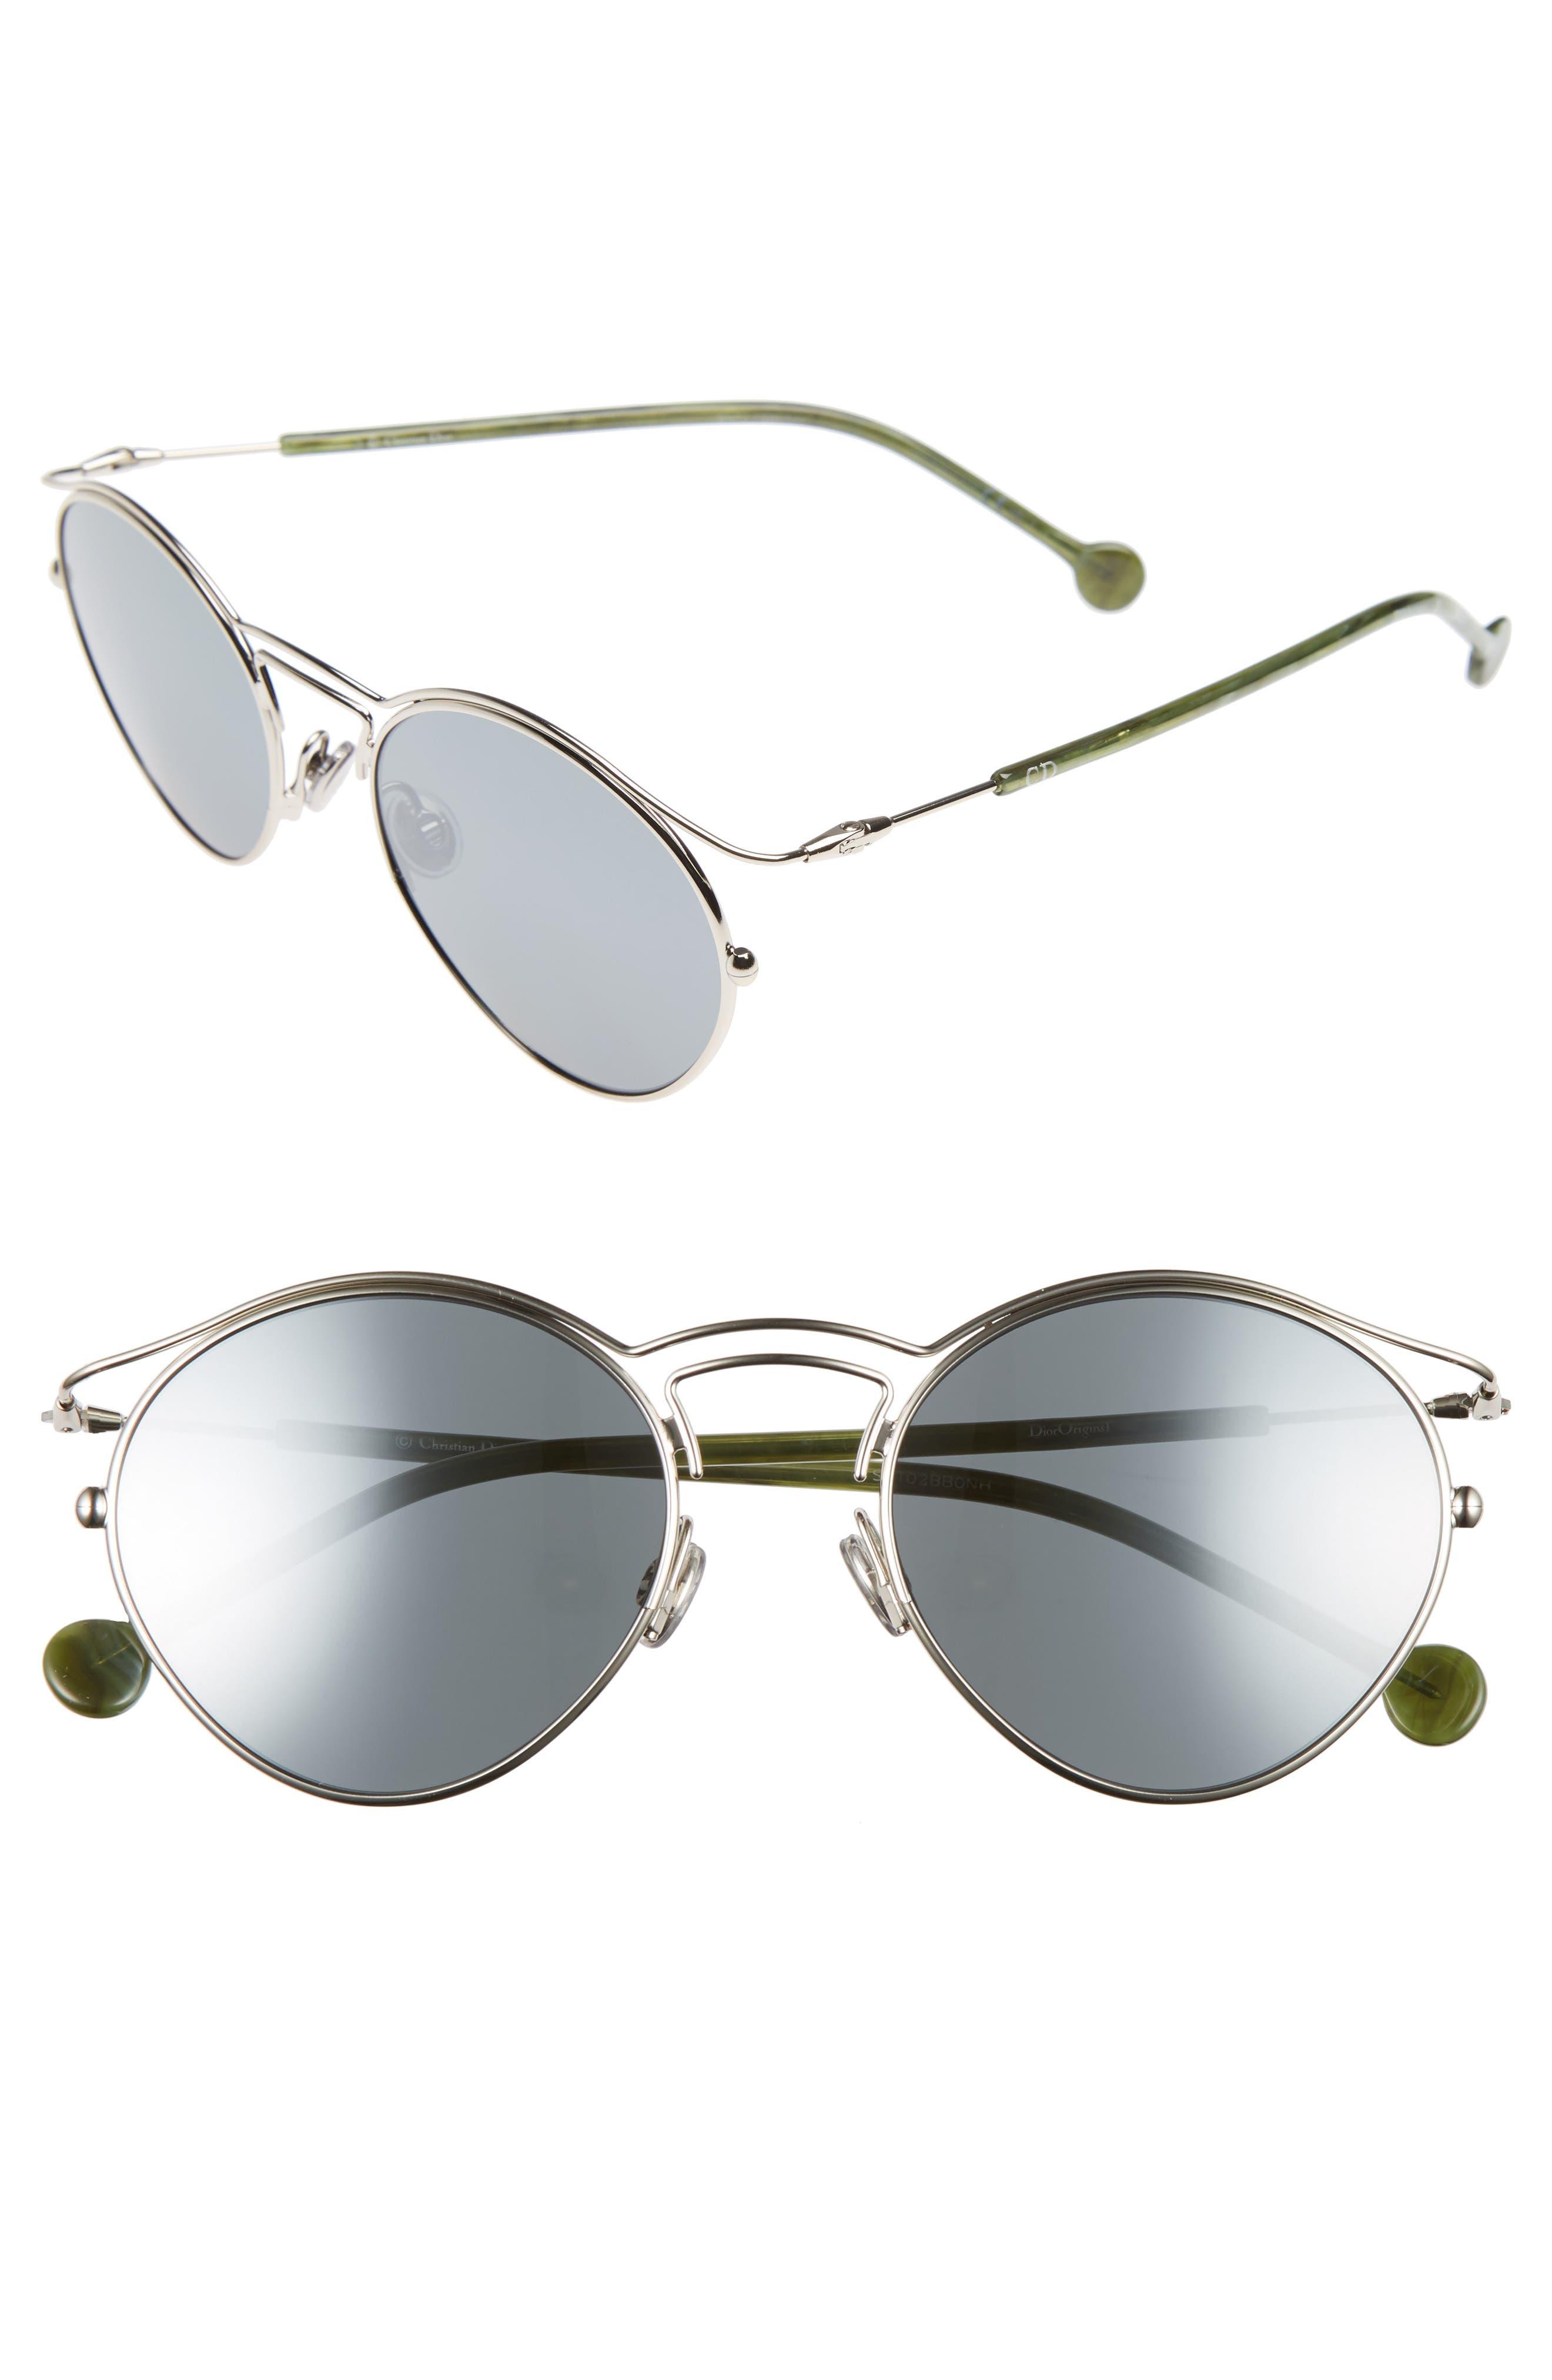 Main Image - Dior Origins 1 53mm Round Sunglasses